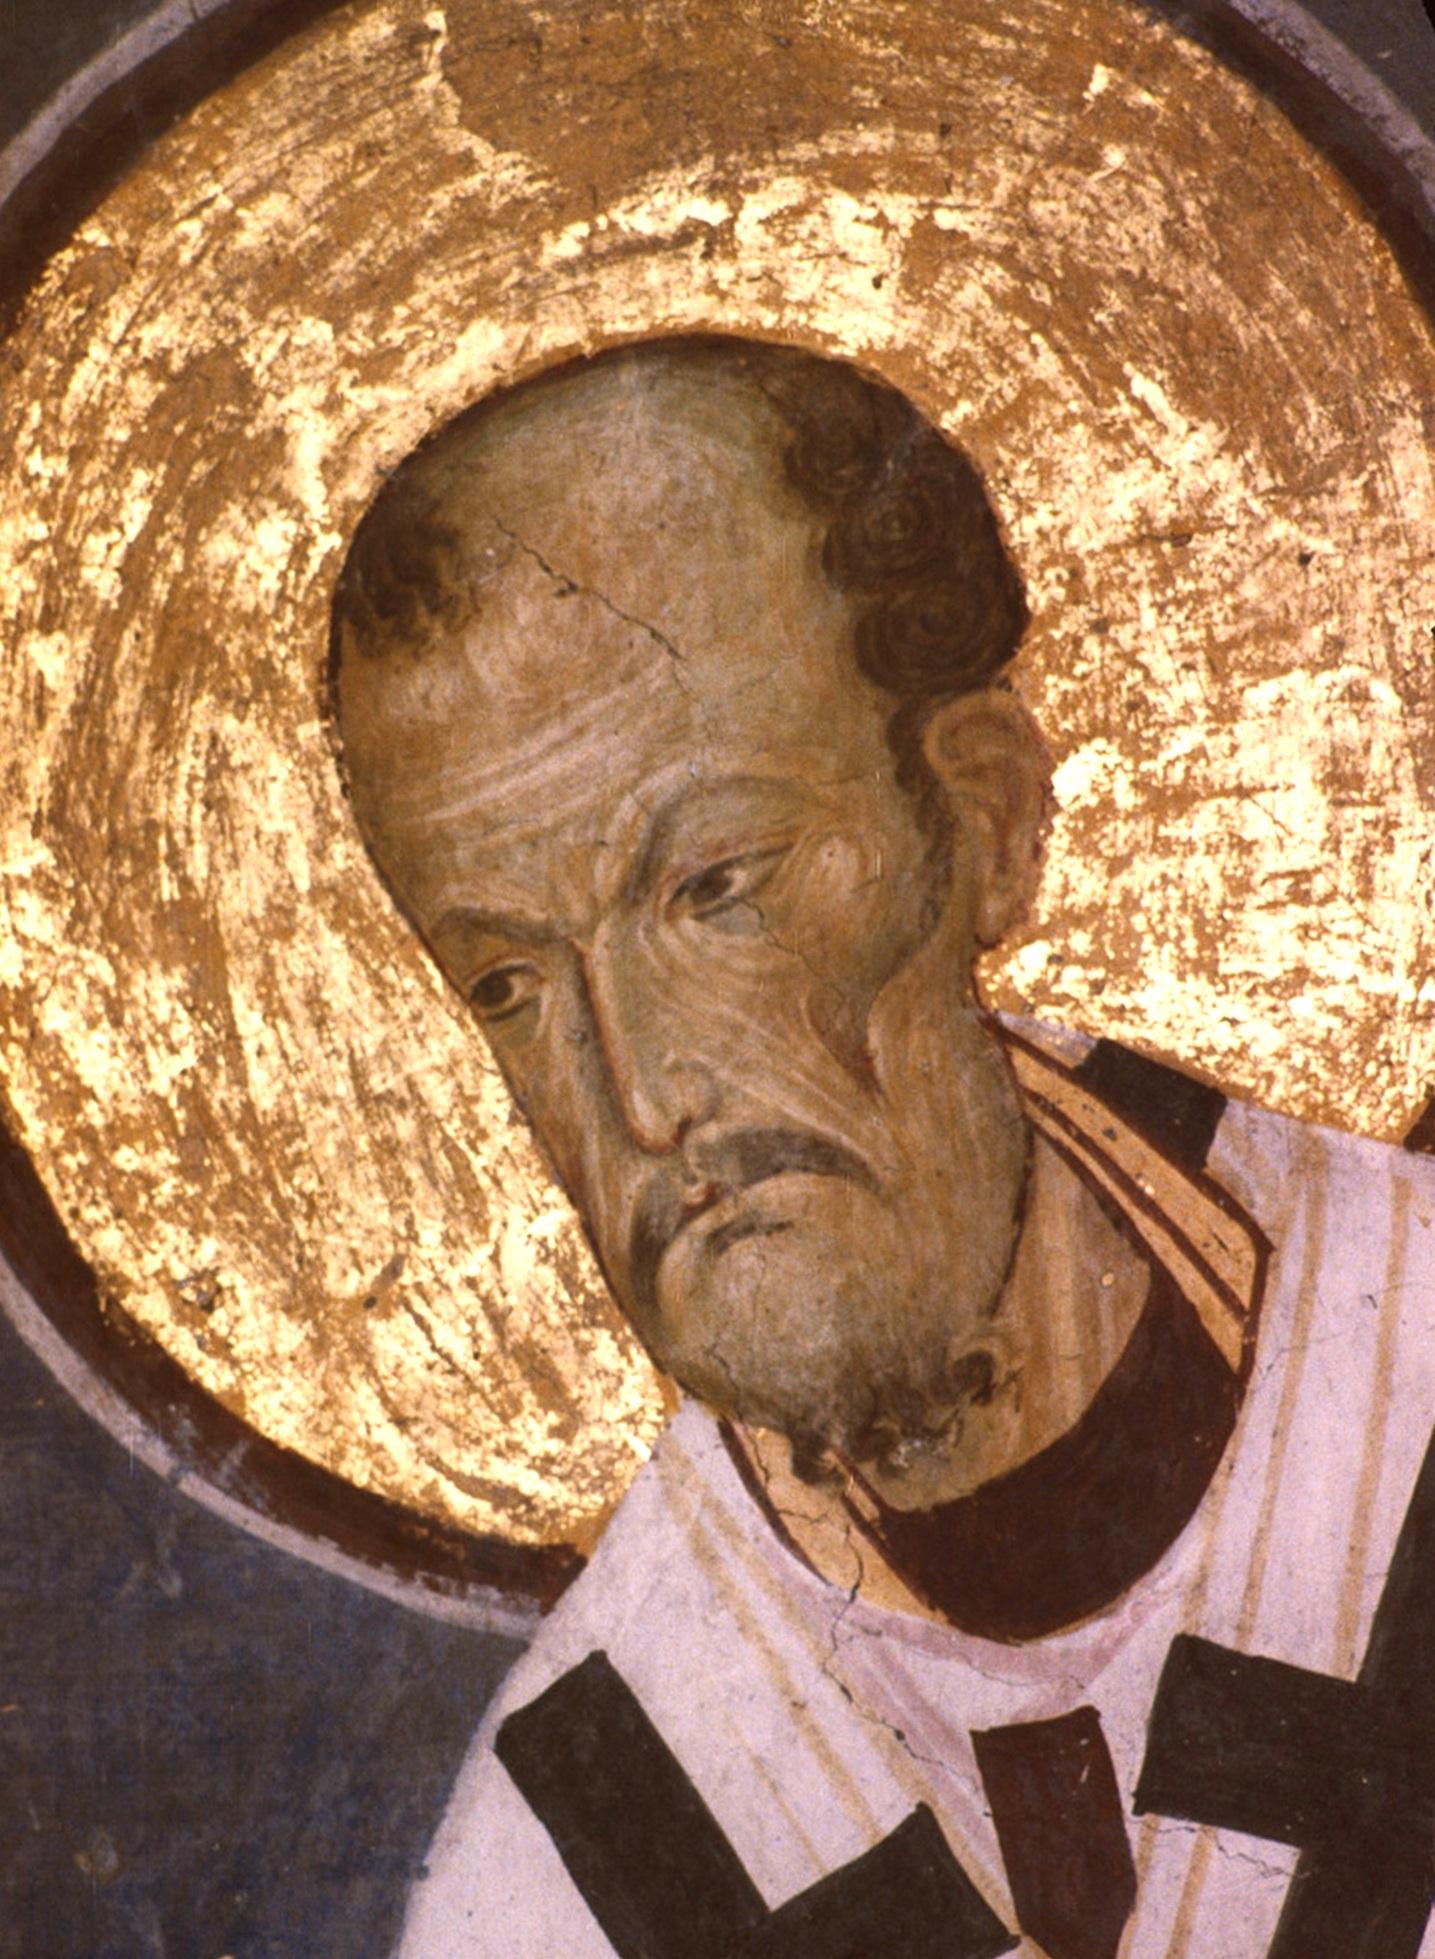 Святитель Иоанн Златоуст, Архиепископ Константинопольский. Фреска церкви Богородицы в монастыре Студеница, Сербия. 1208 - 1209 годы.